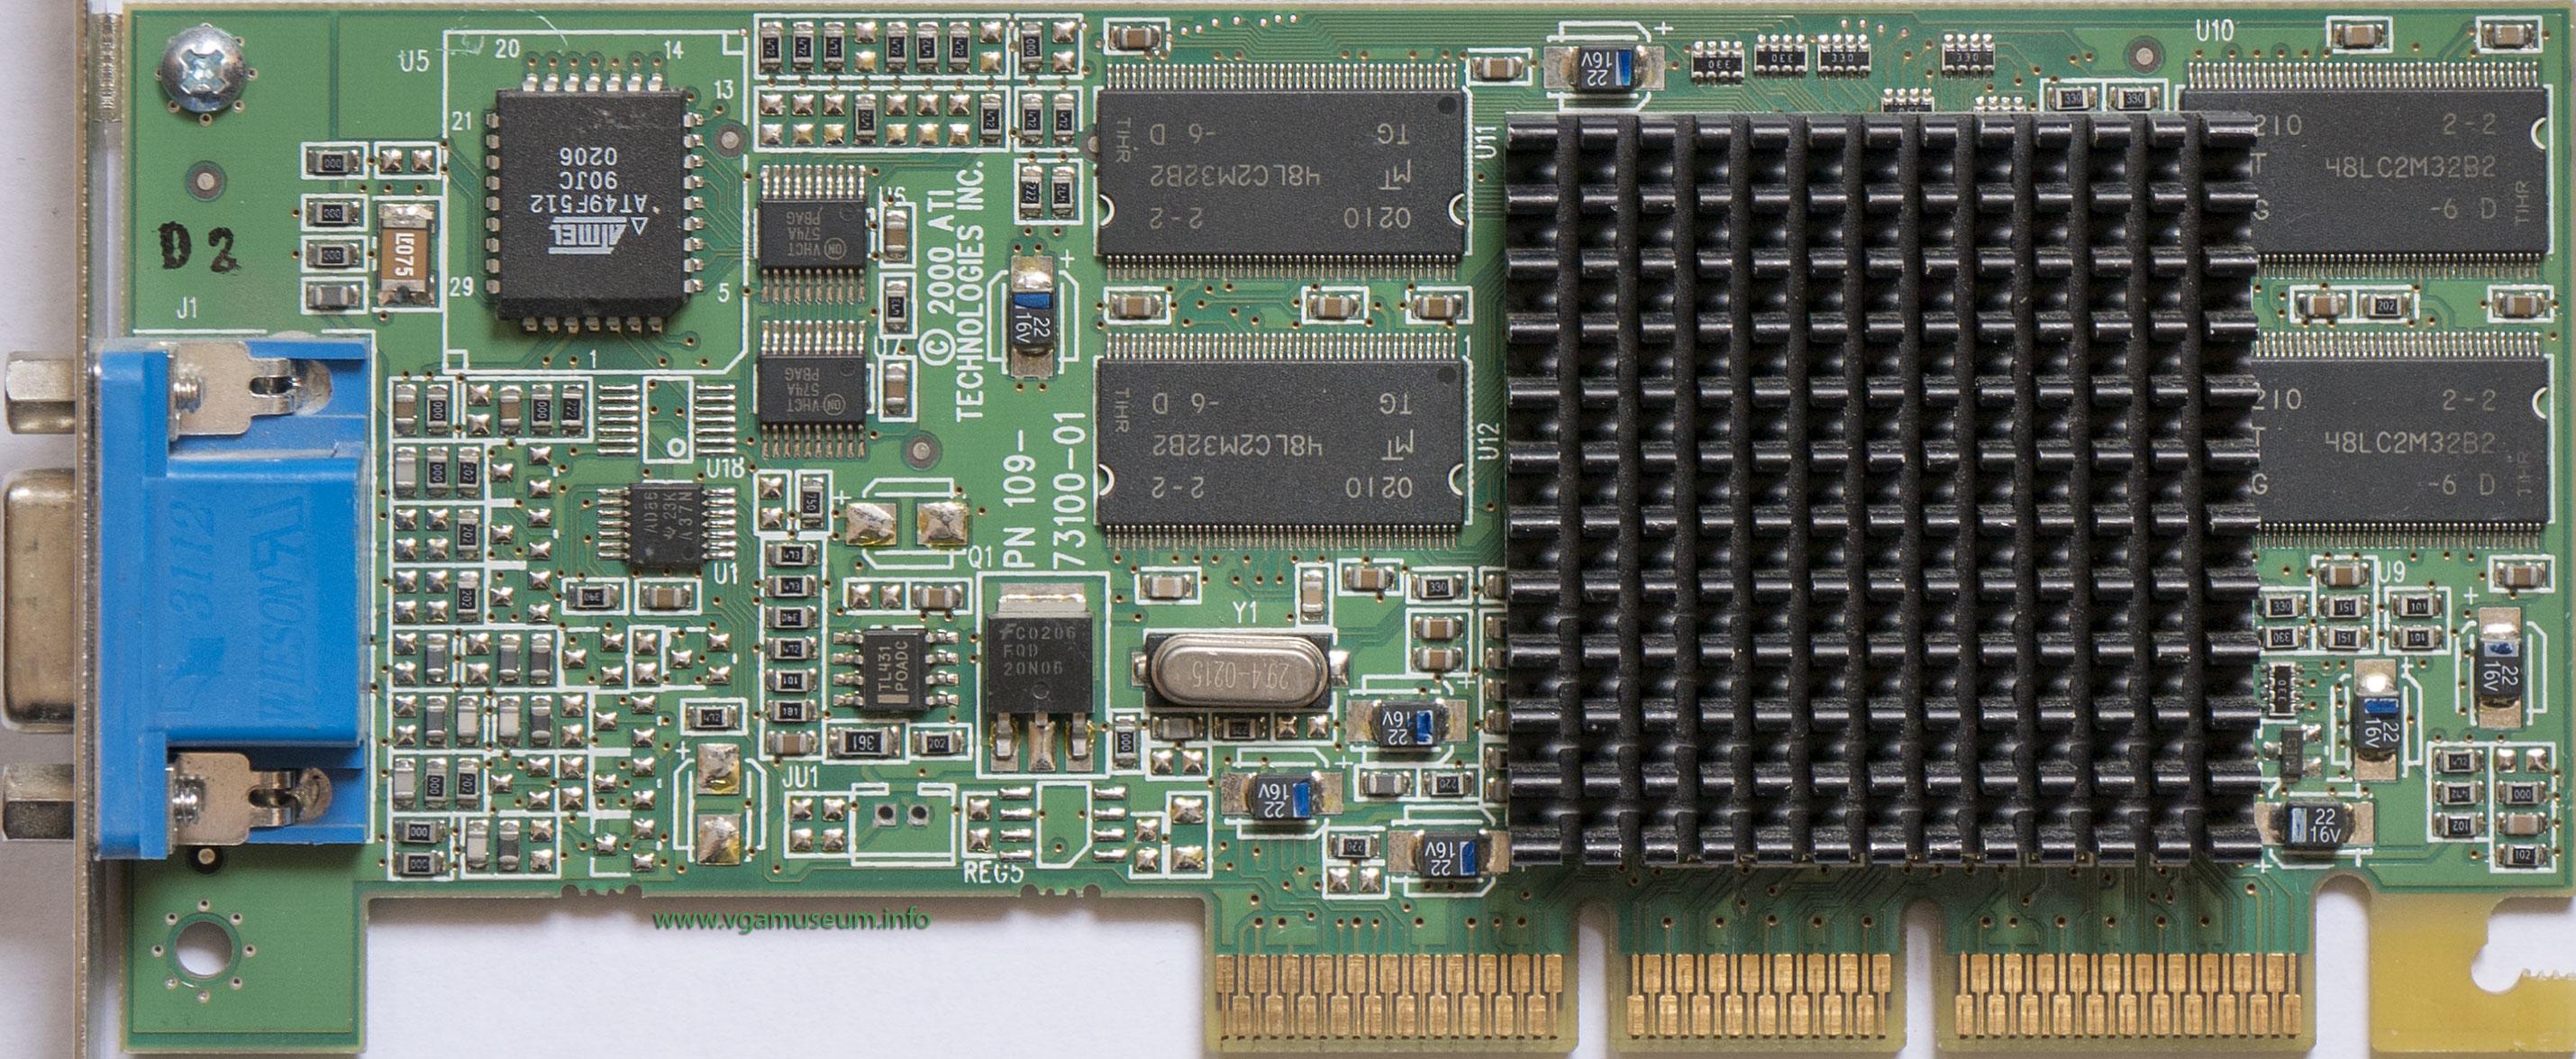 ati rage 128 pro 32mb driver windows 98